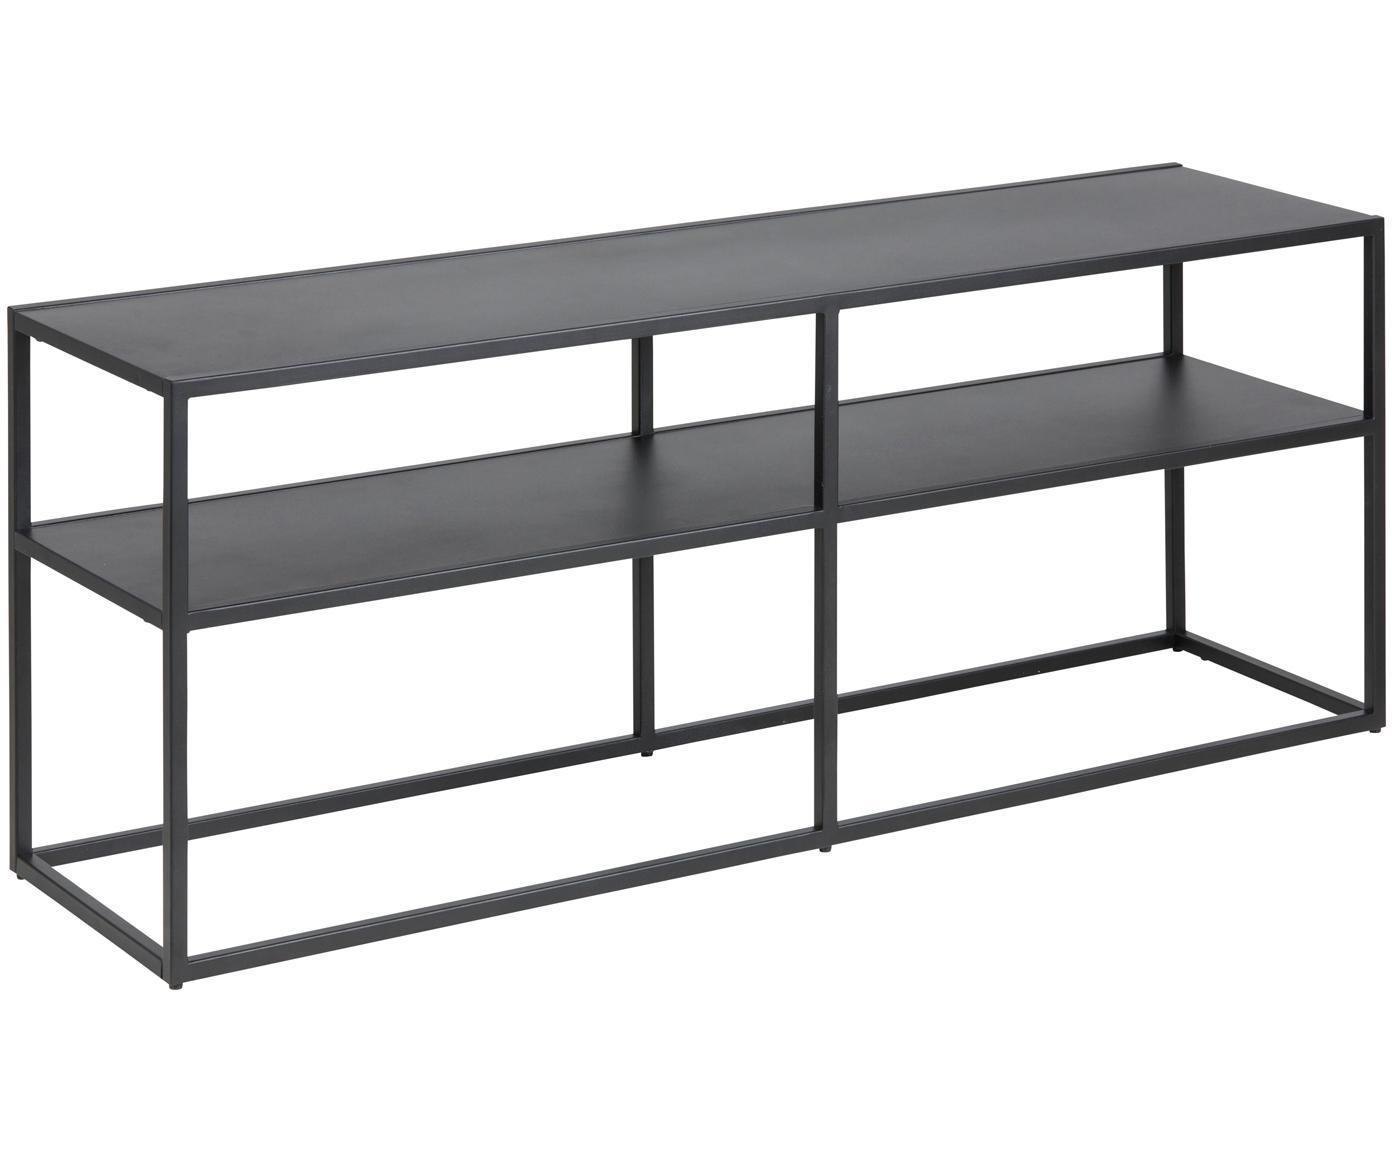 Metall-Lowboard Newton in Schwarz, Metall, pulverbeschichtet, Schwarz, 120 x 46 cm